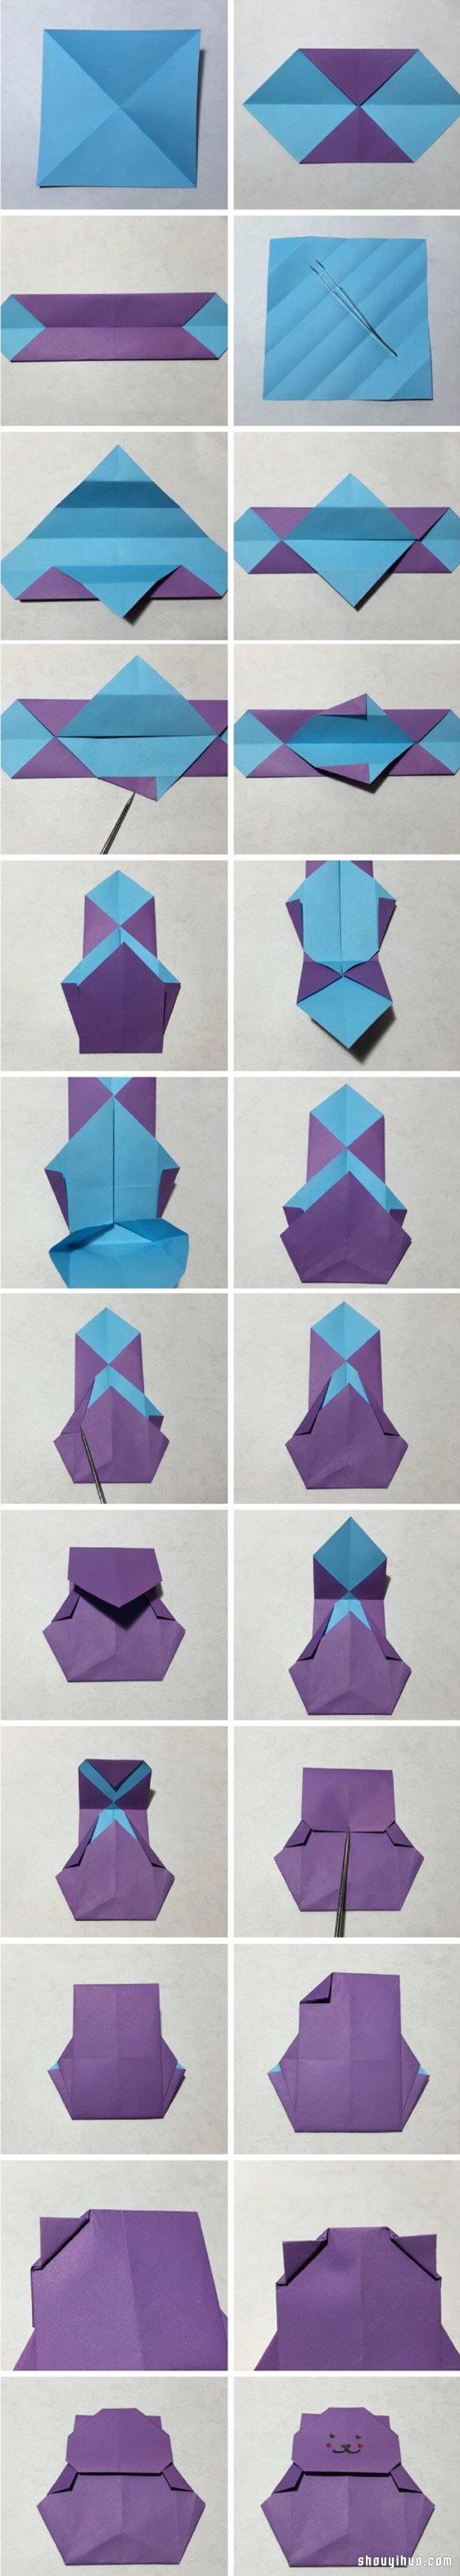 抱爱心的小熊折纸图解与方法教程_折纸大全_手工制作